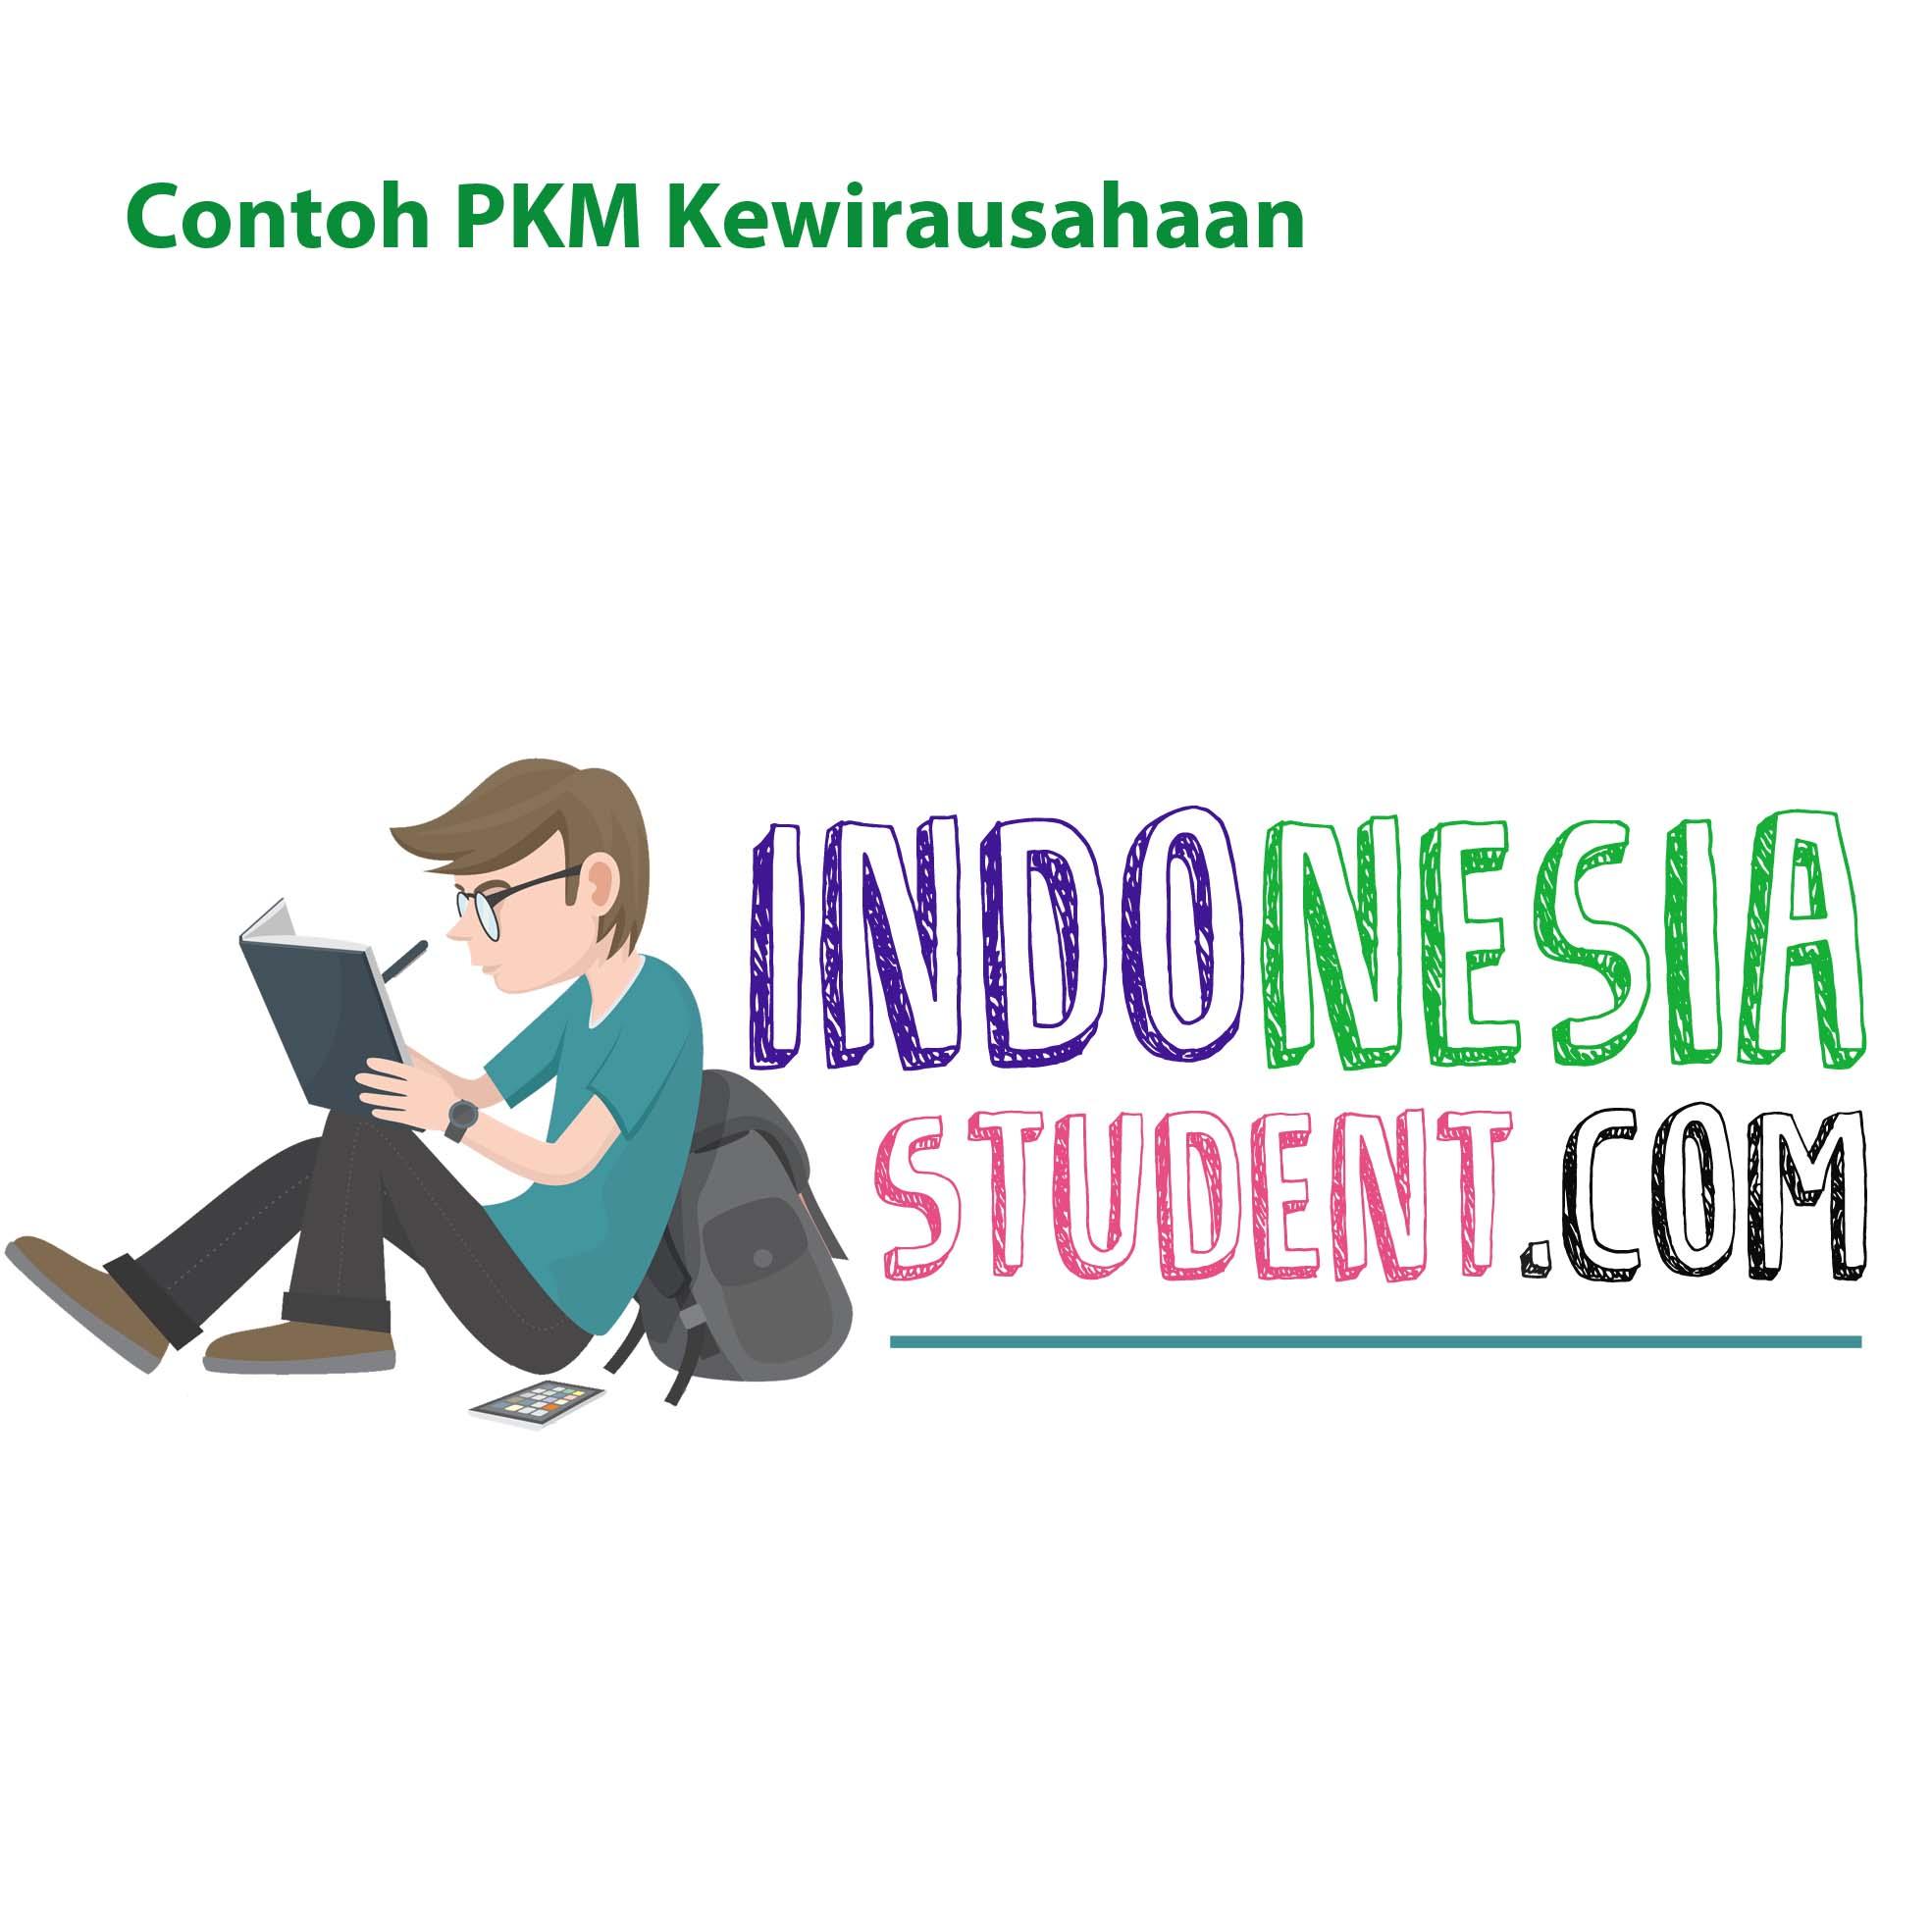 Contoh Pkm Kewirausahaan Pkm K Lengkap Indonesiastudents Com